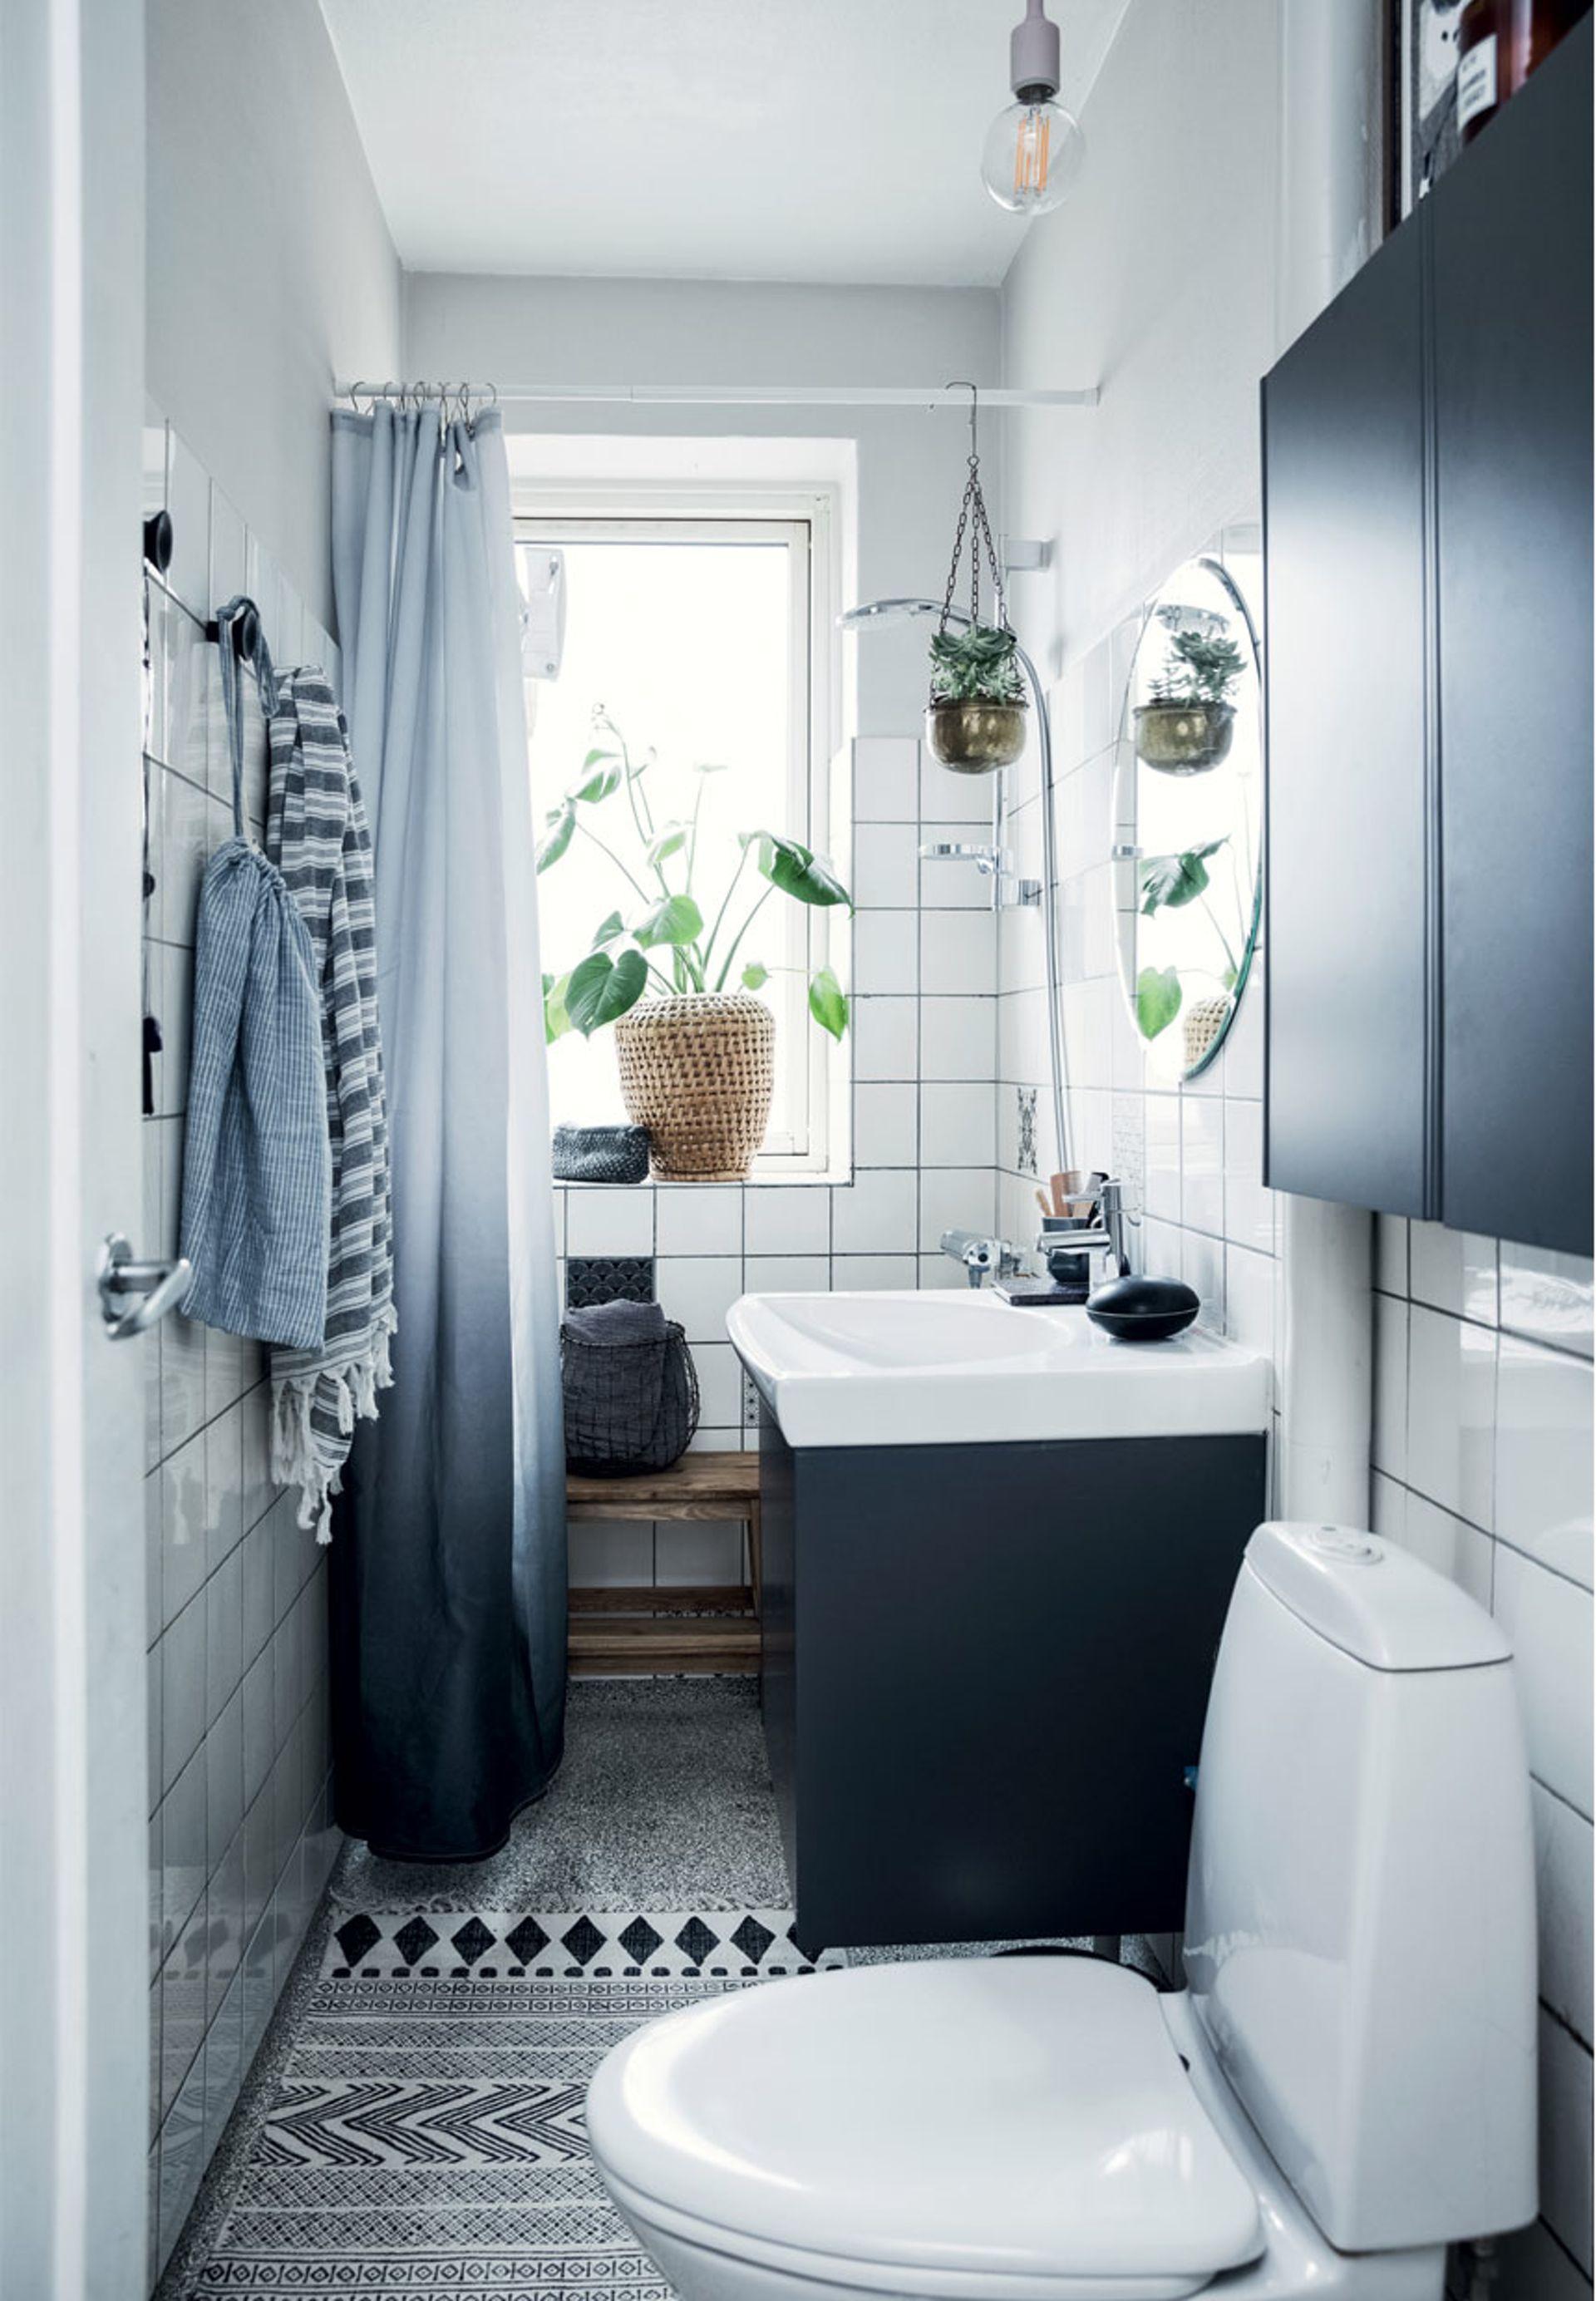 opbevaring badeværelse Badeværelse med plads til opbevaring | Bathroom | Pinterest  opbevaring badeværelse